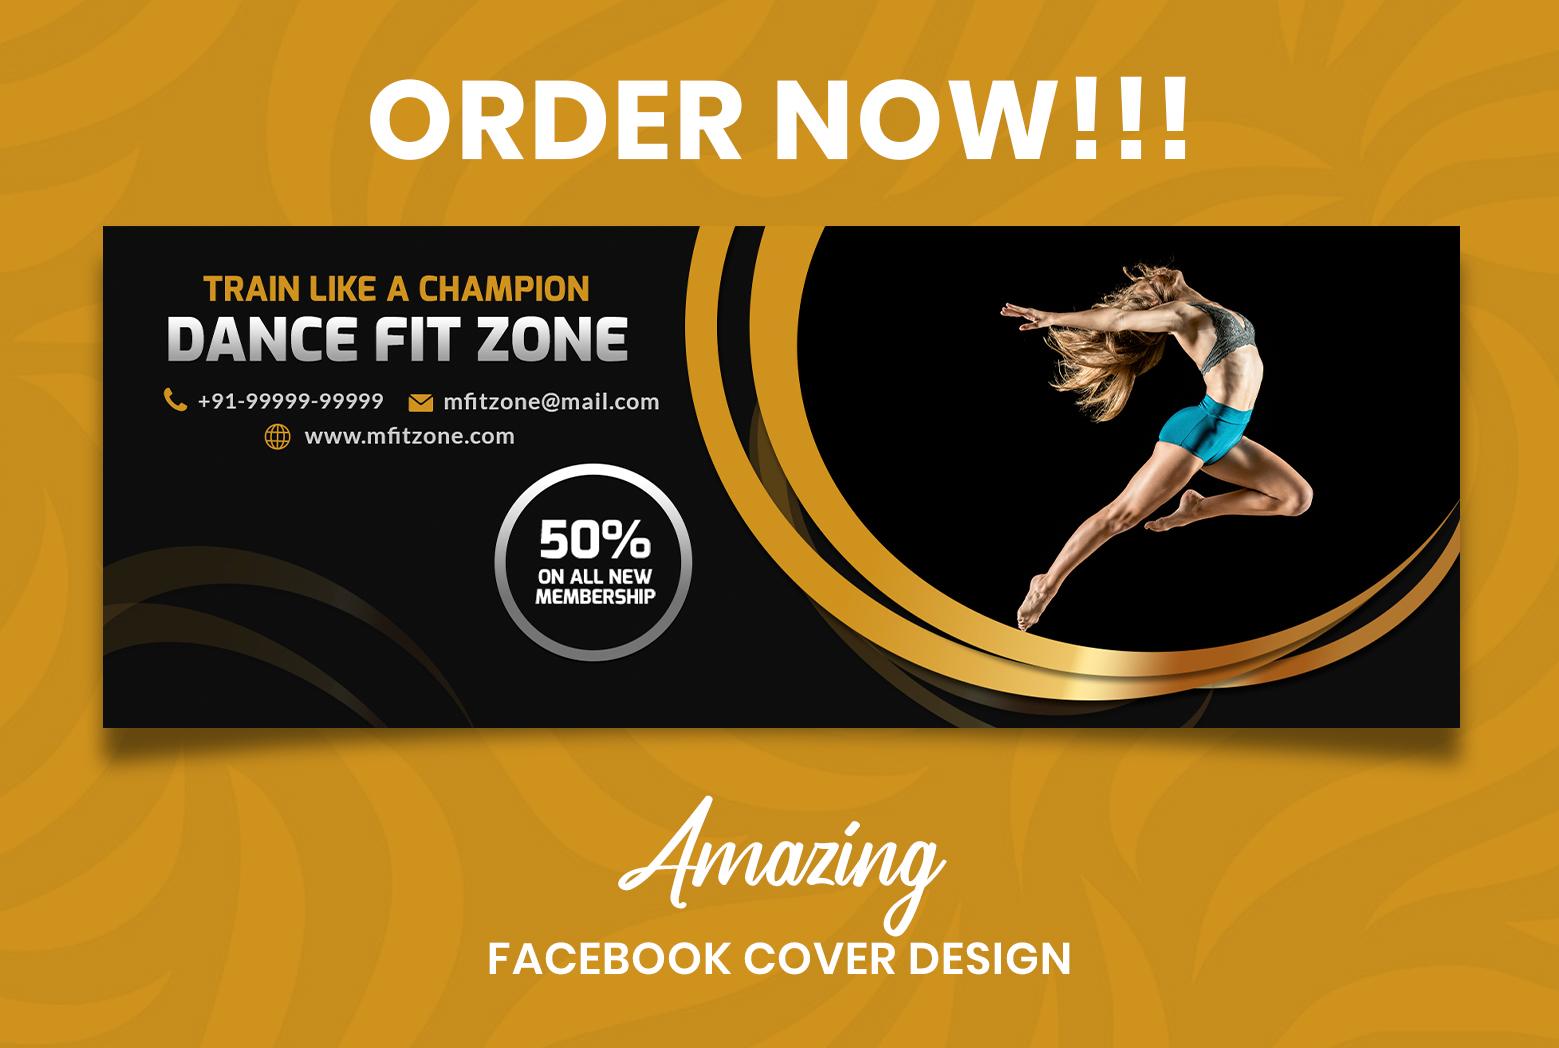 I will design Amazing Facebook cover design